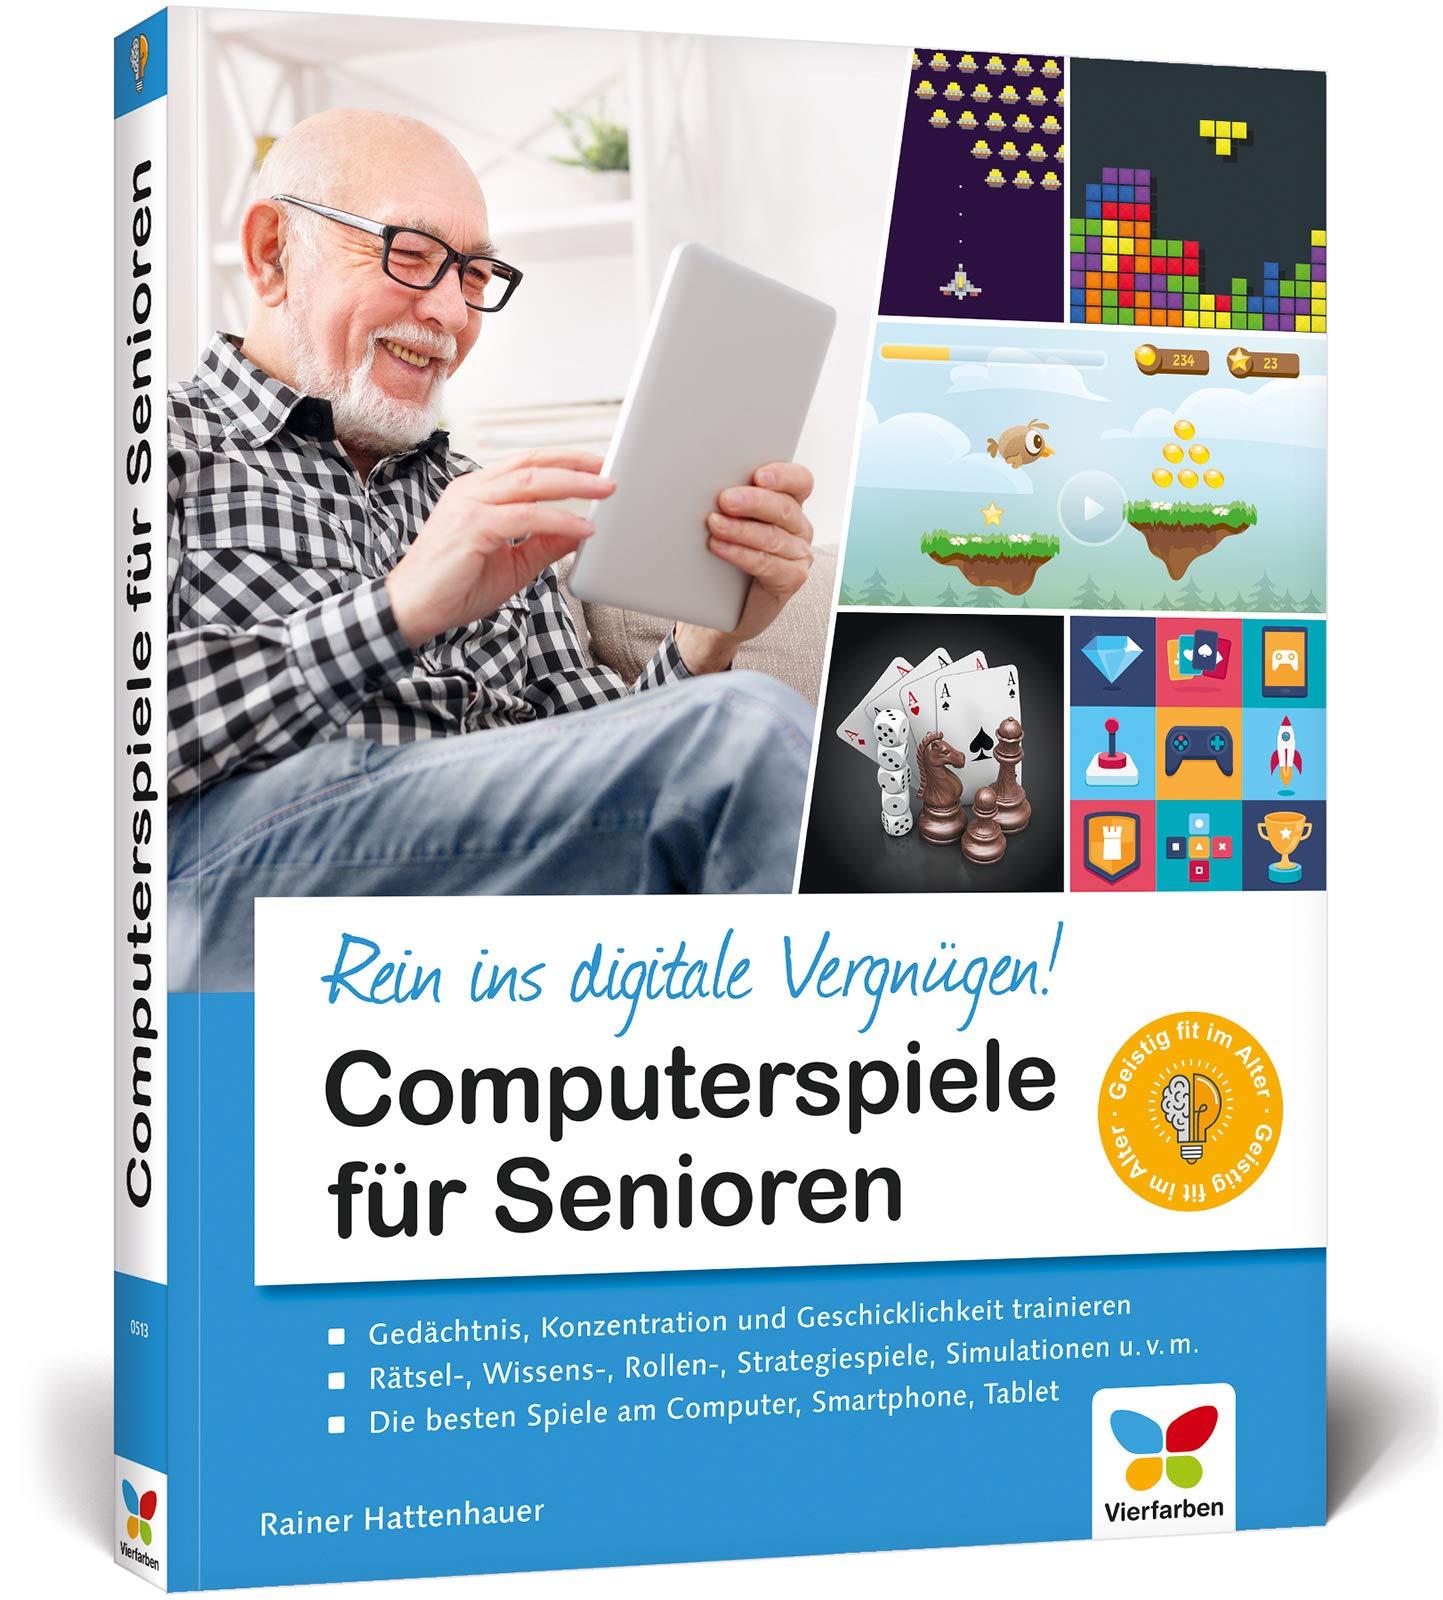 Computerspiele Für Senioren  Gedächtnis Training Und Gehirnjogging Mit Computerspielen  Entdecken Sie Die Besten Games Für Senioren